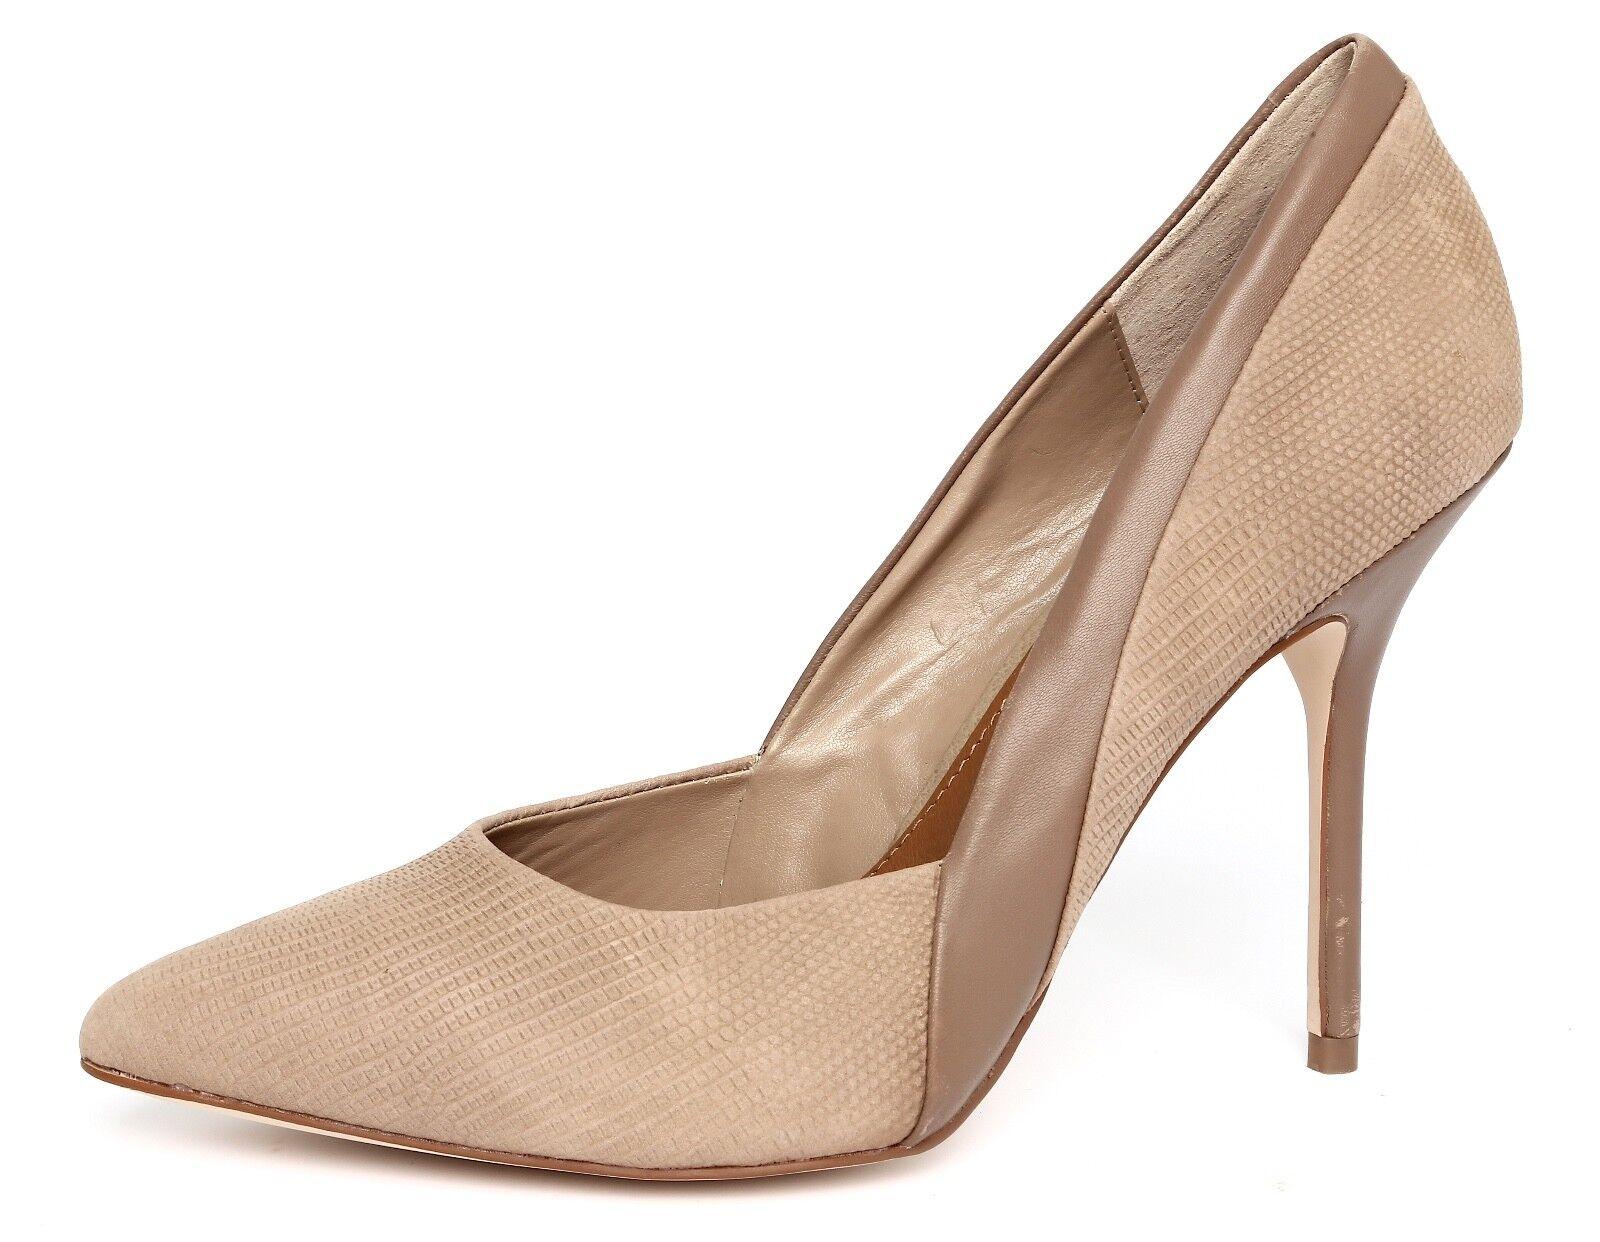 Steve Madden Clydee Taupe femmes Pump Heels 9.5B 4028